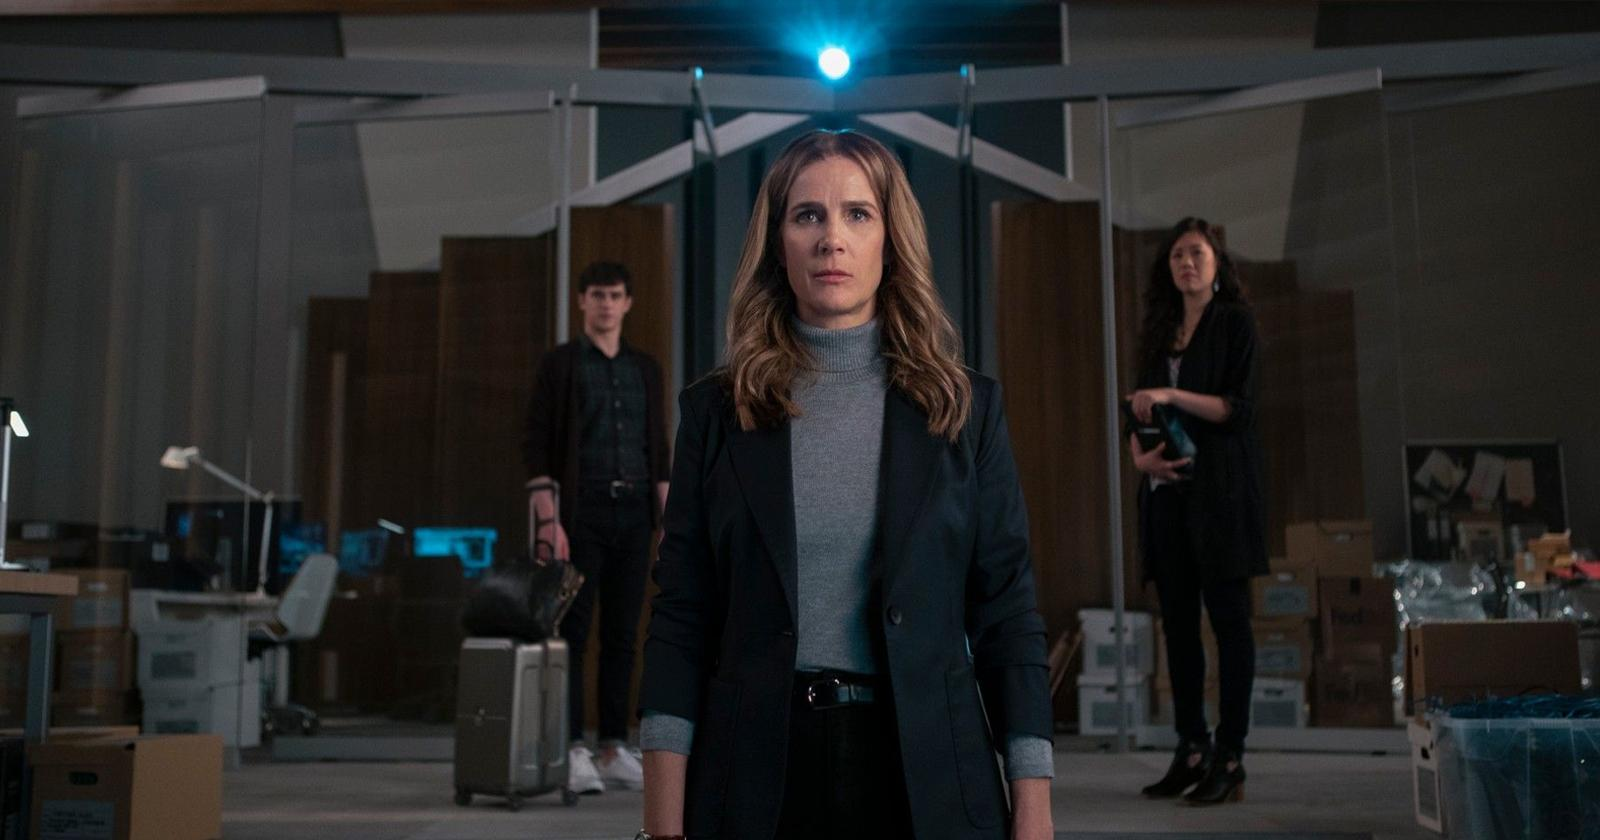 Rachel Griffiths como Gretchen Klein en Salvajes. En primer plano frente a la cámara y detrás de ella la luz de un proyector. A su lado, dos de sus empleados.